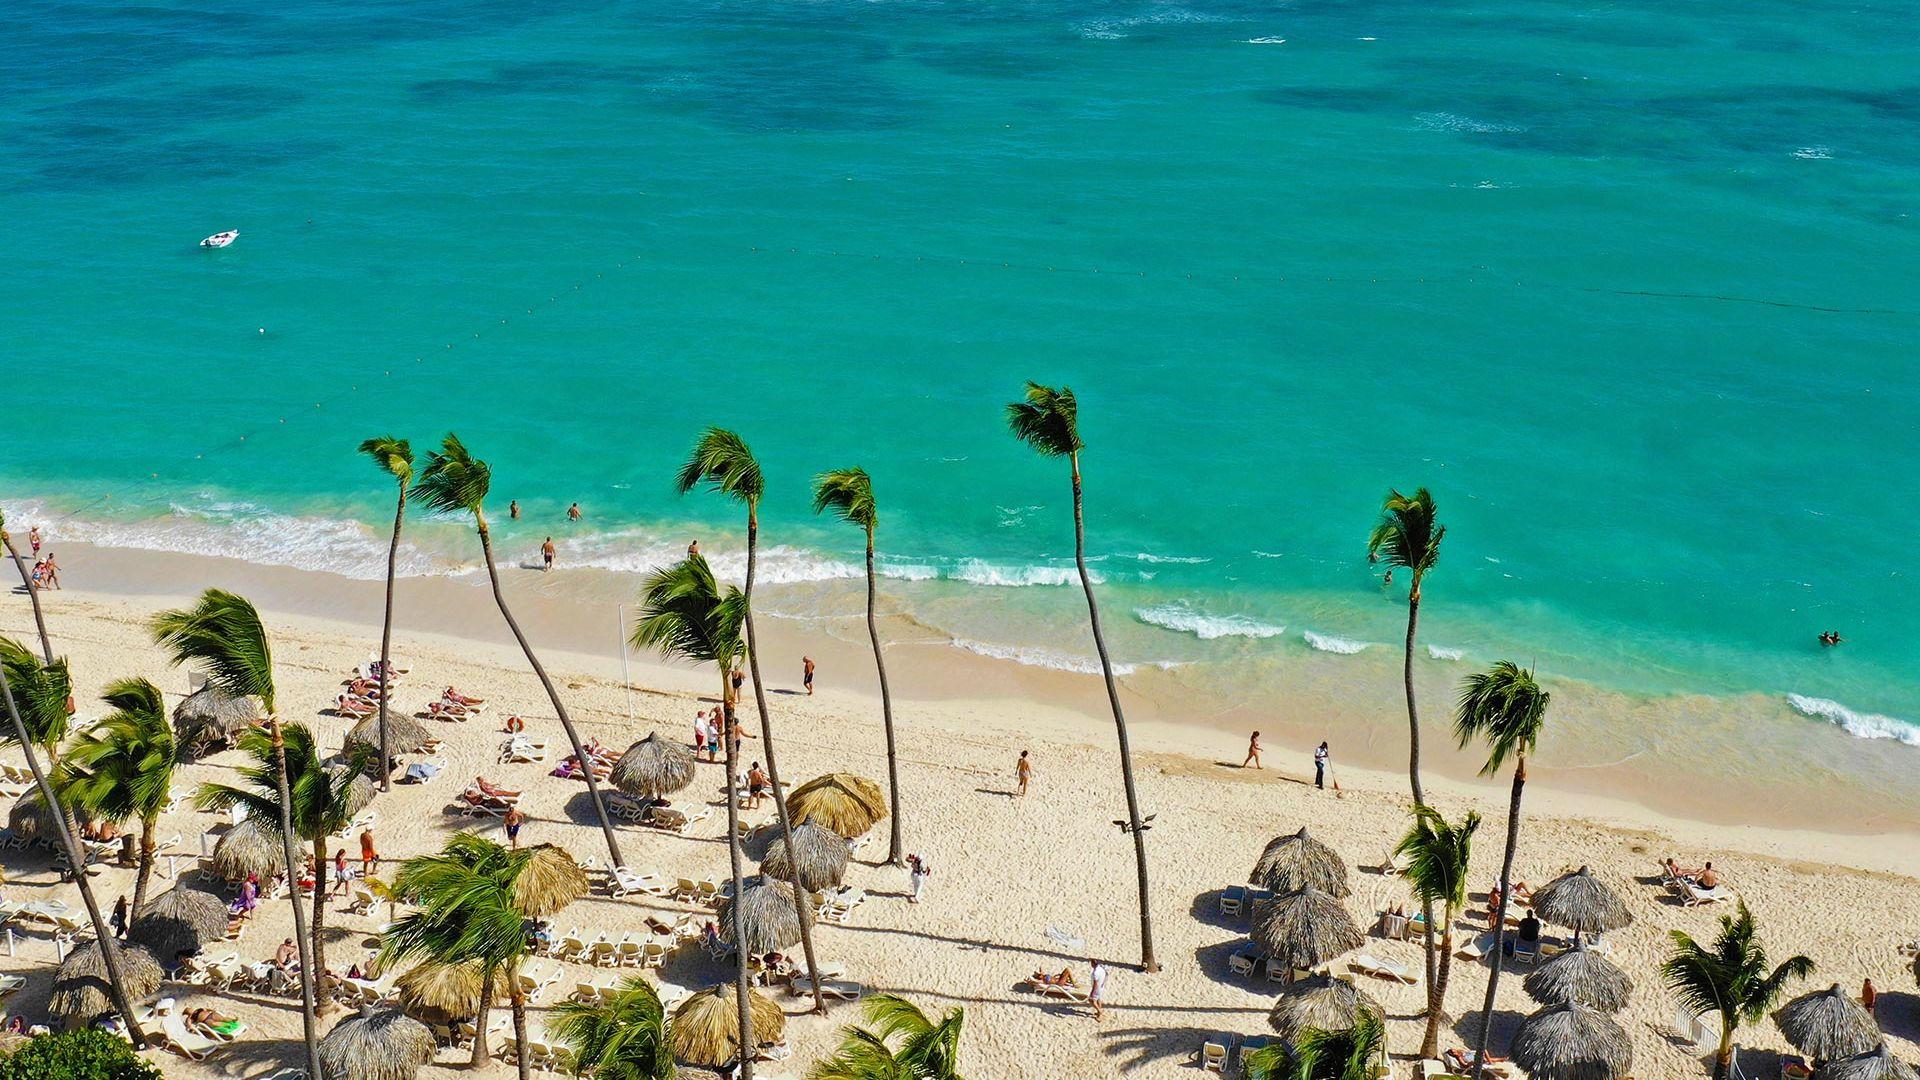 Sejur plaja Bahia Principe Resort Punta Cana, 9 zile - 22 august 2021